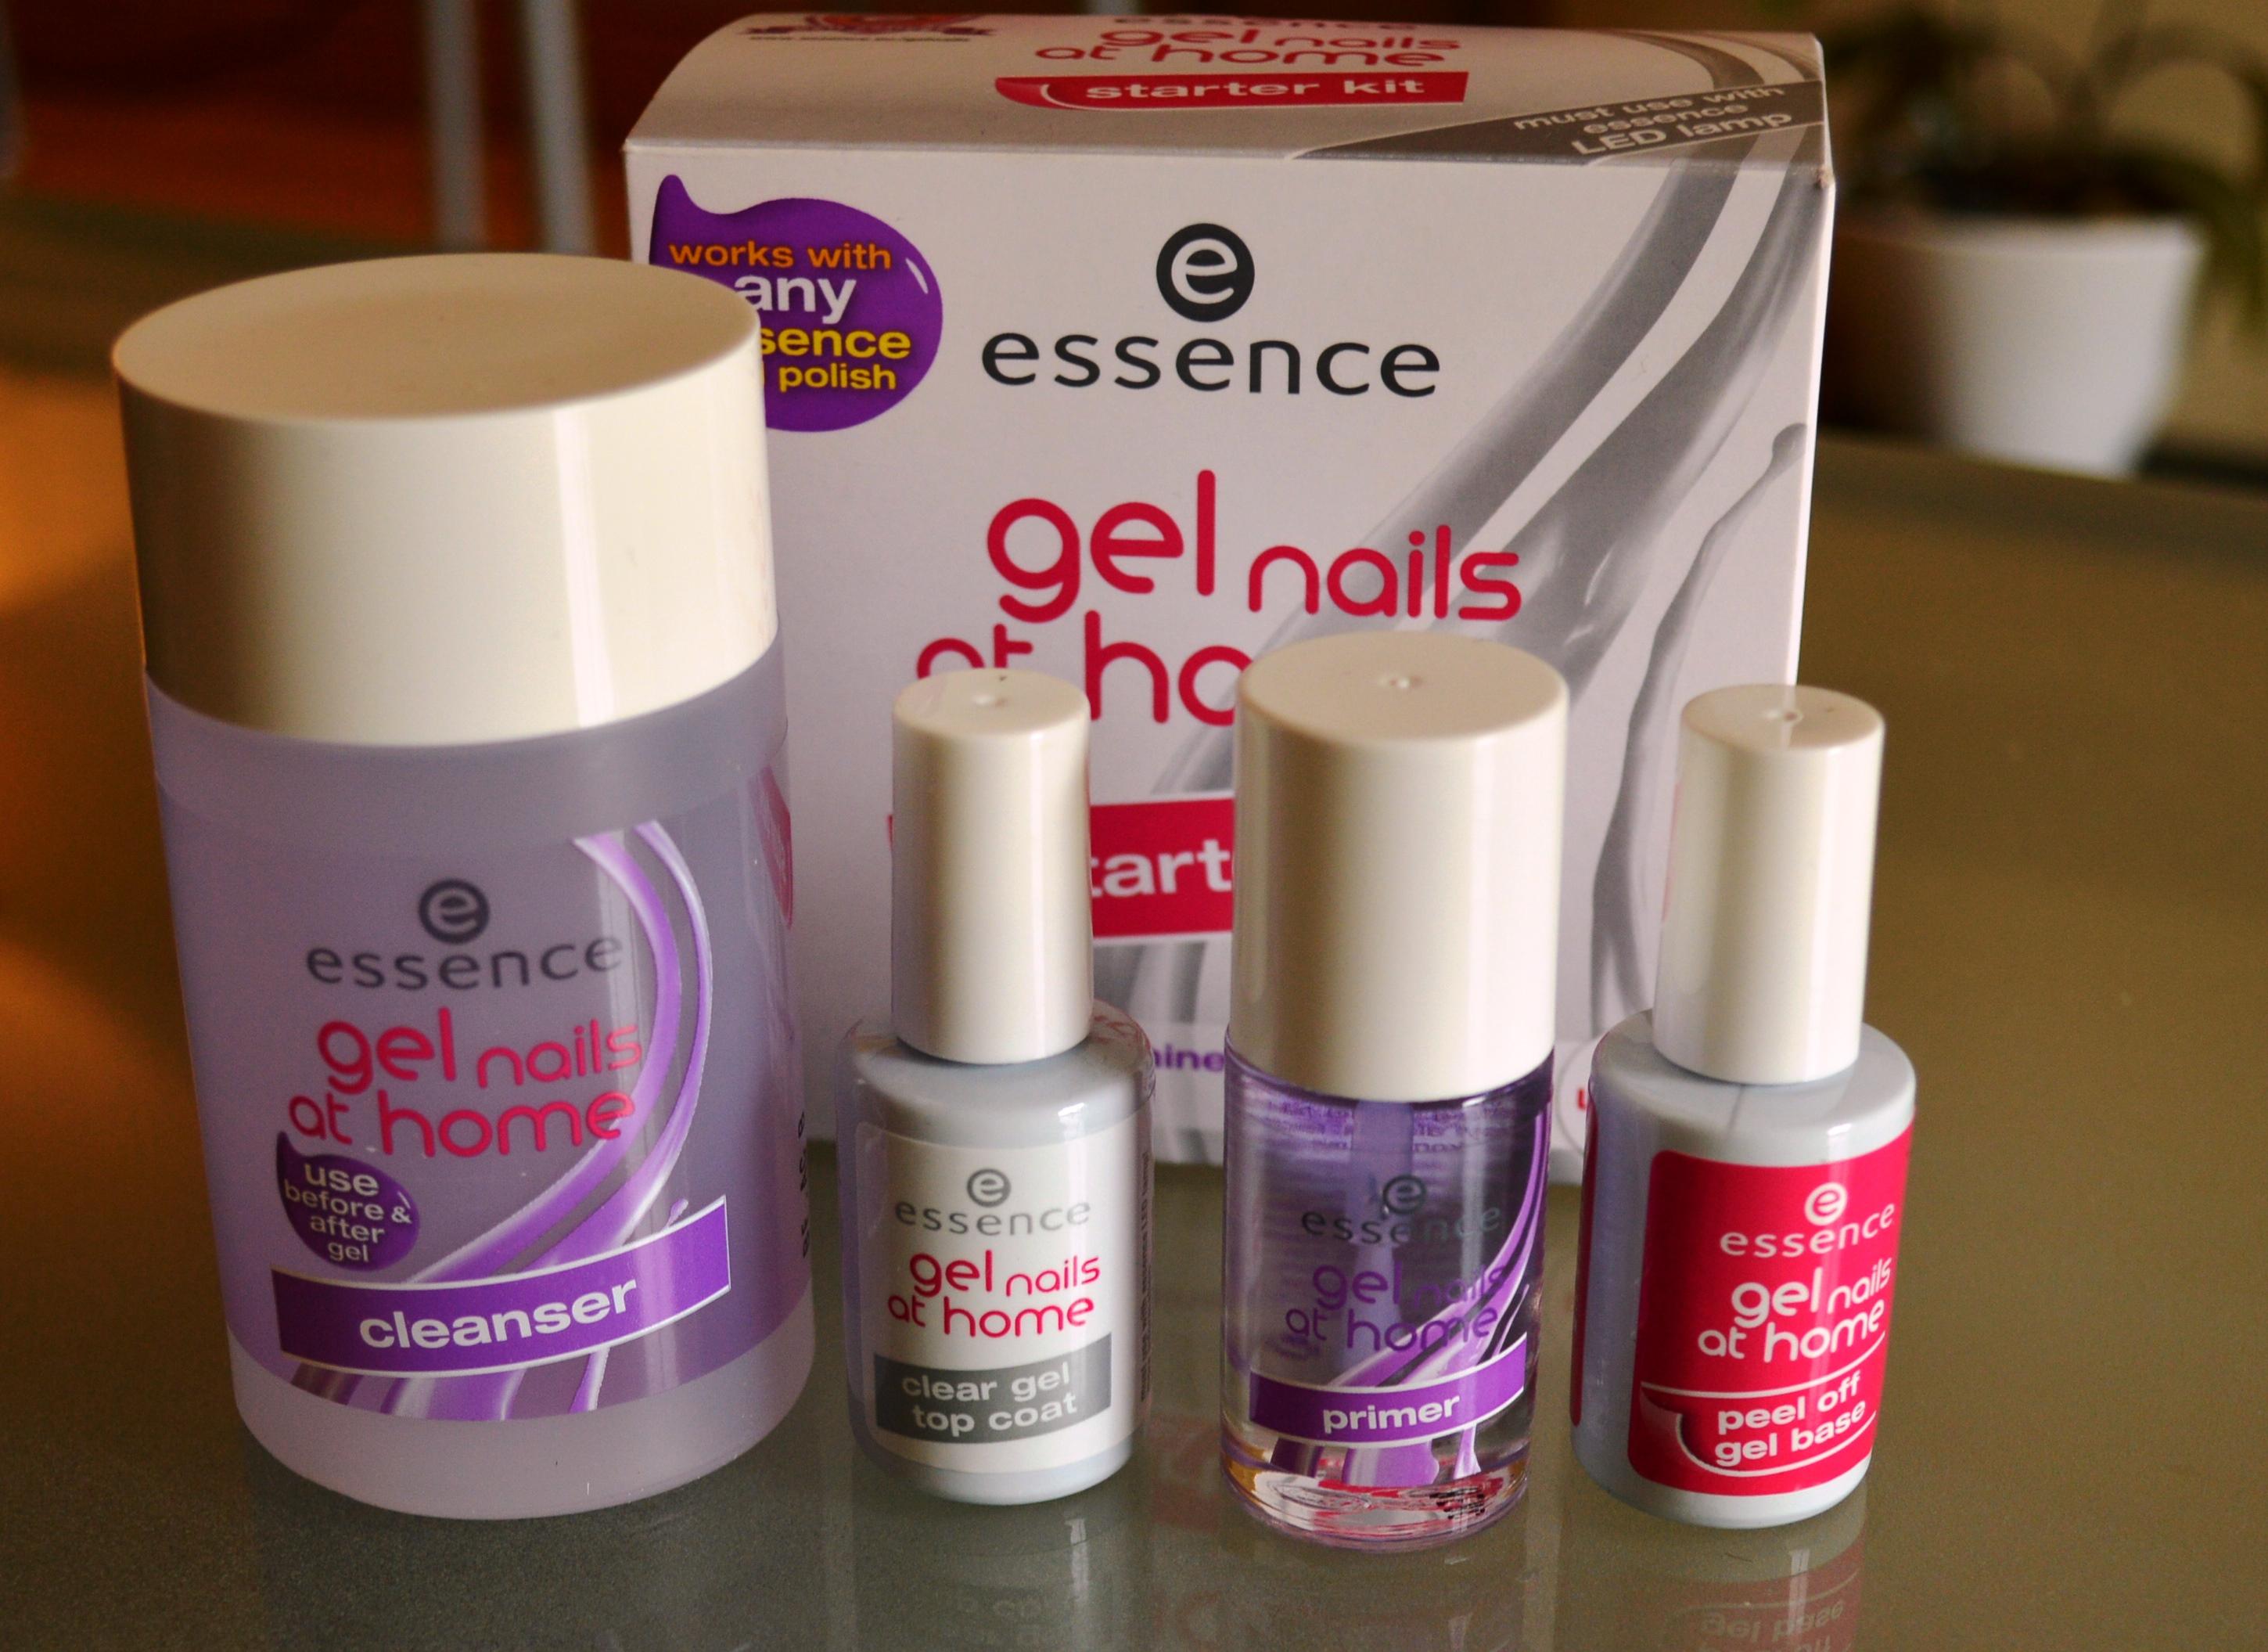 At Home Gel Nails Kit New Expression Nails